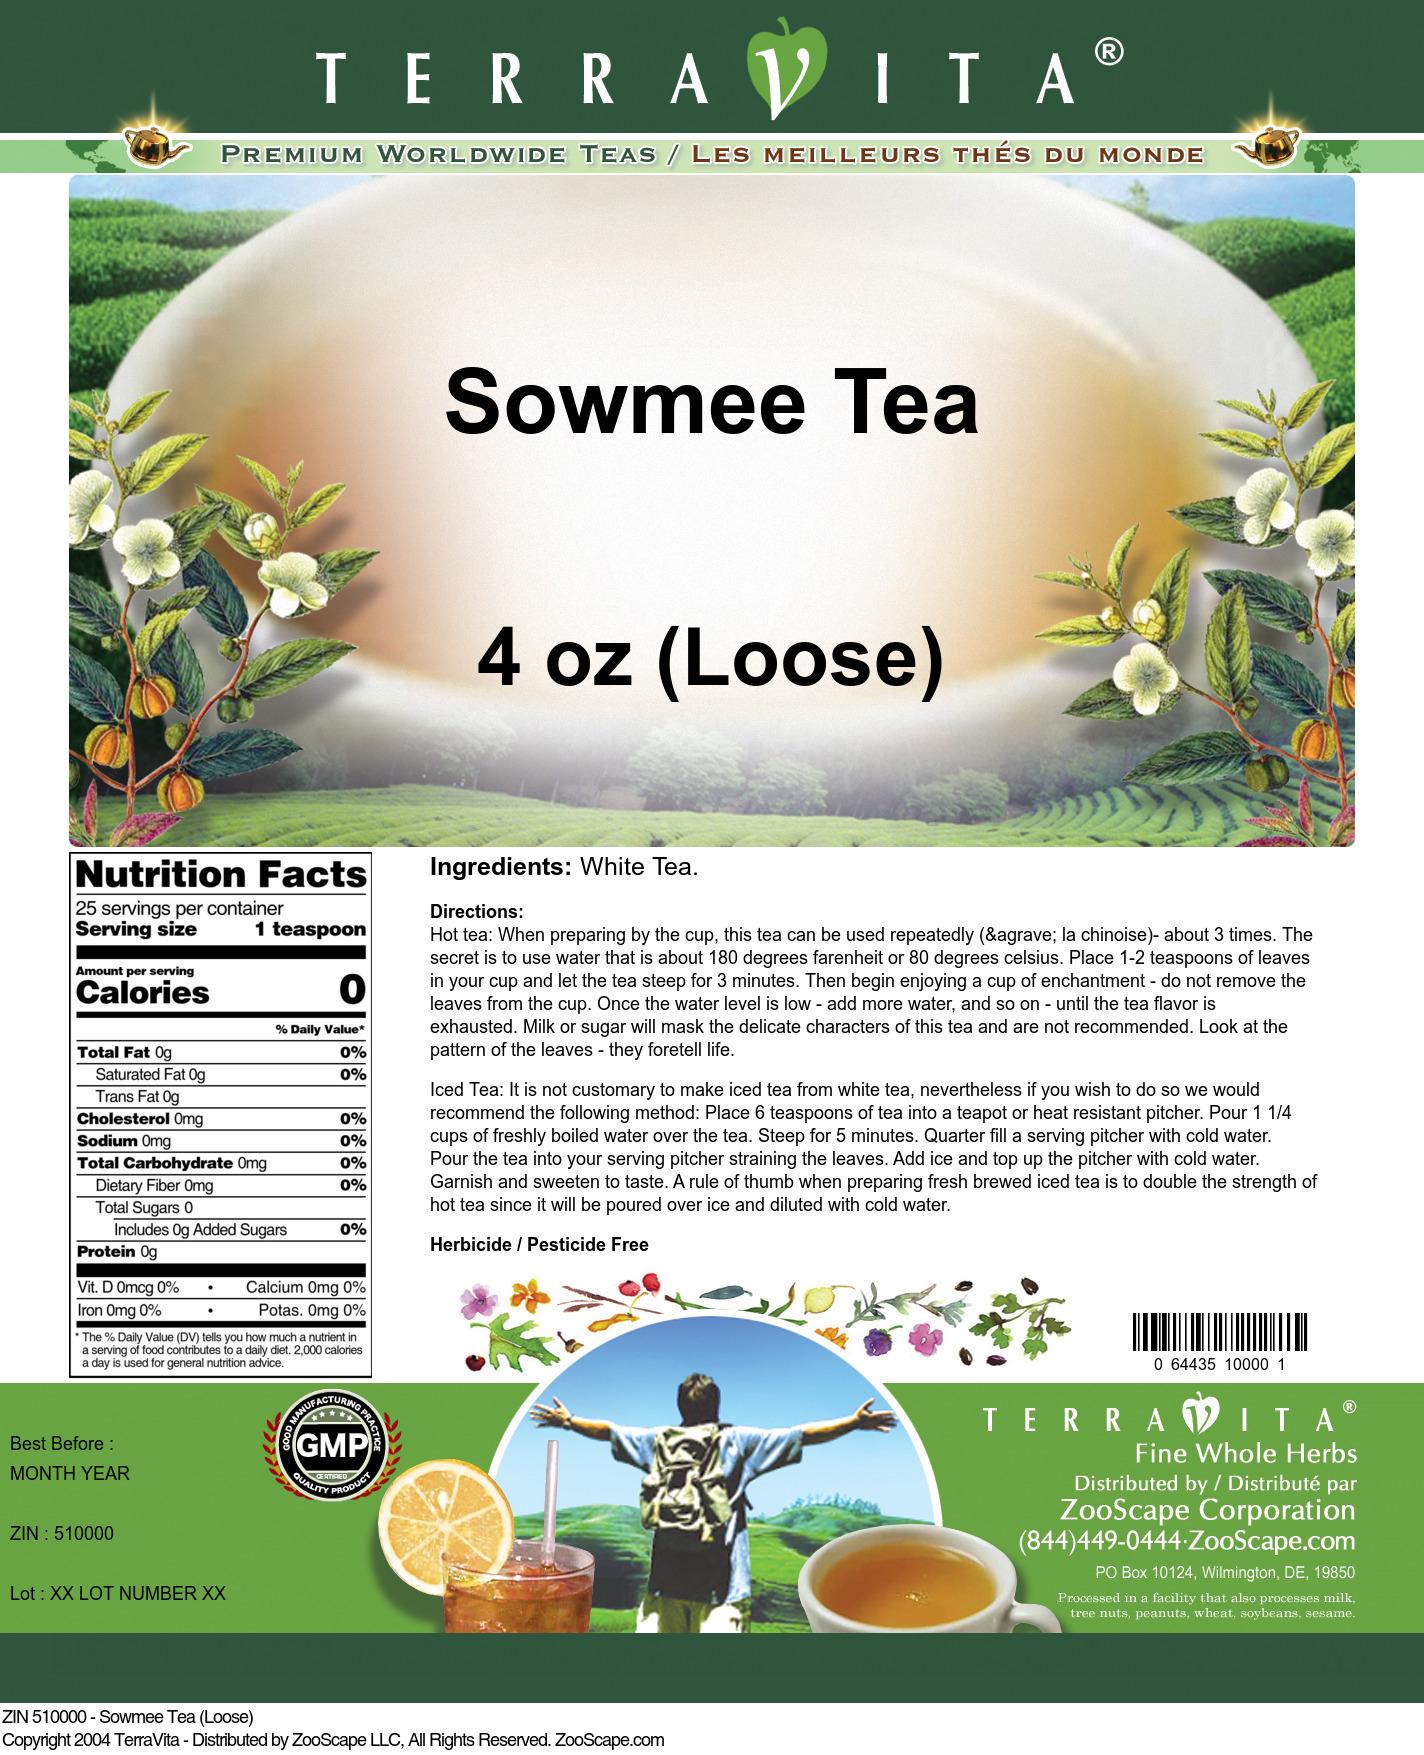 Sowmee